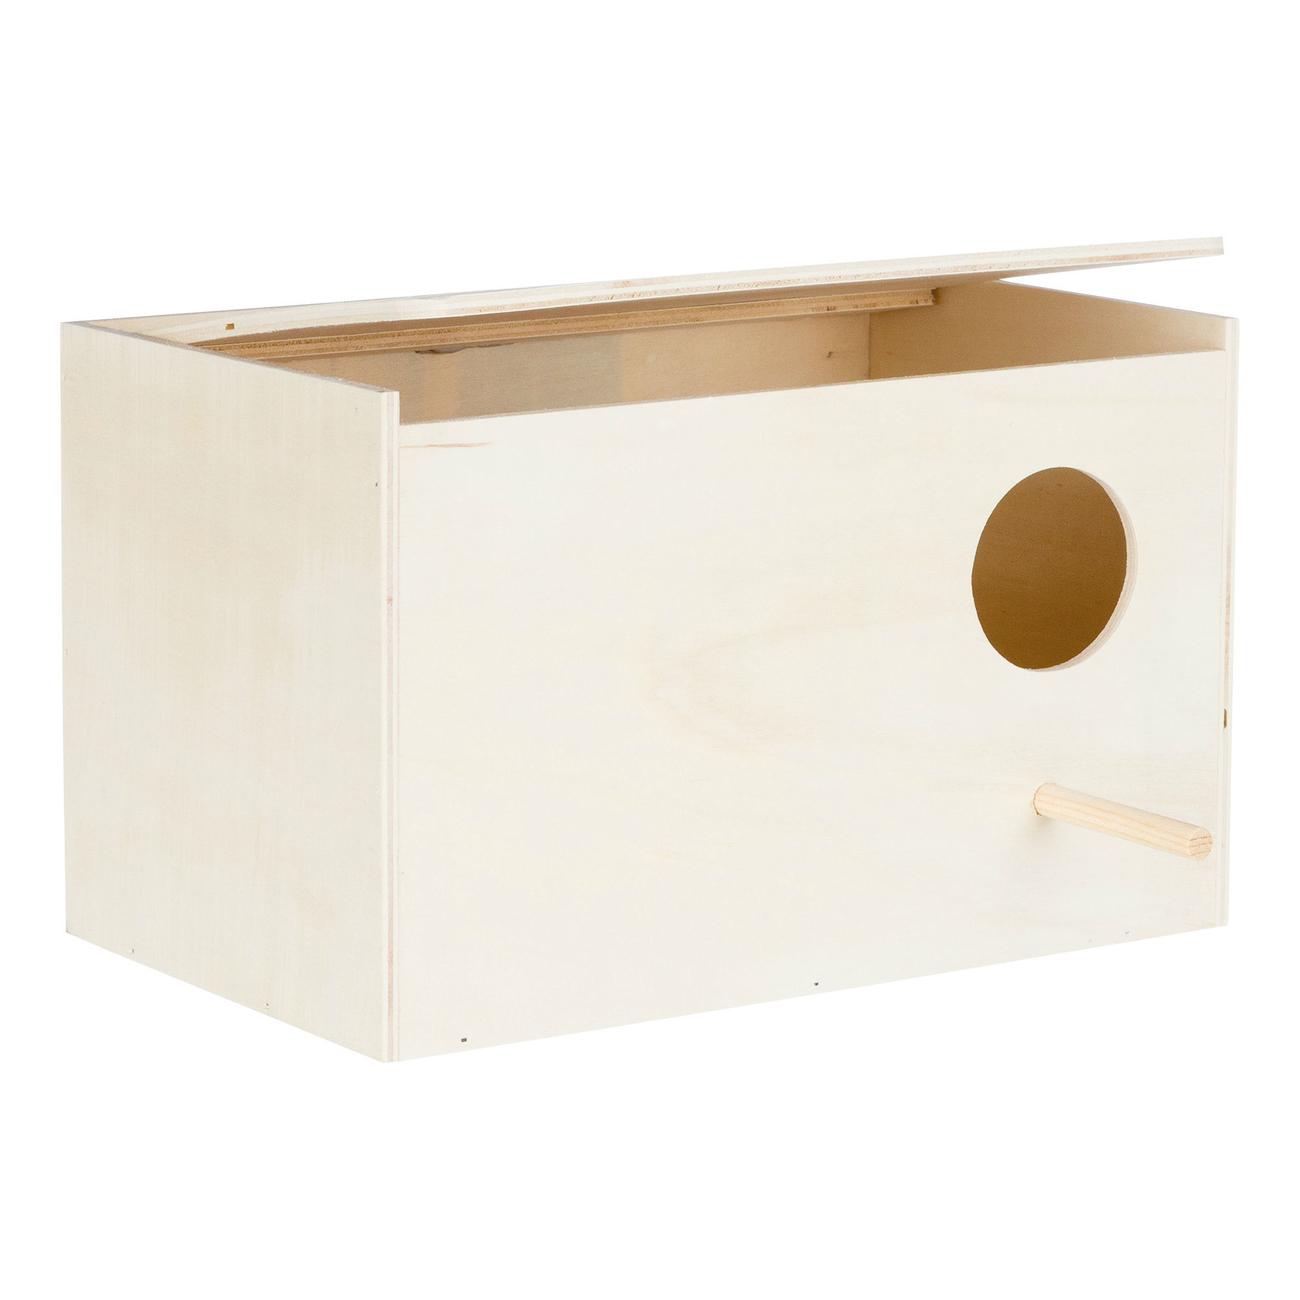 Trixie Vogel Nistkasten aus Holz, für Nymphensittiche, Holz, 30×20×20 cm